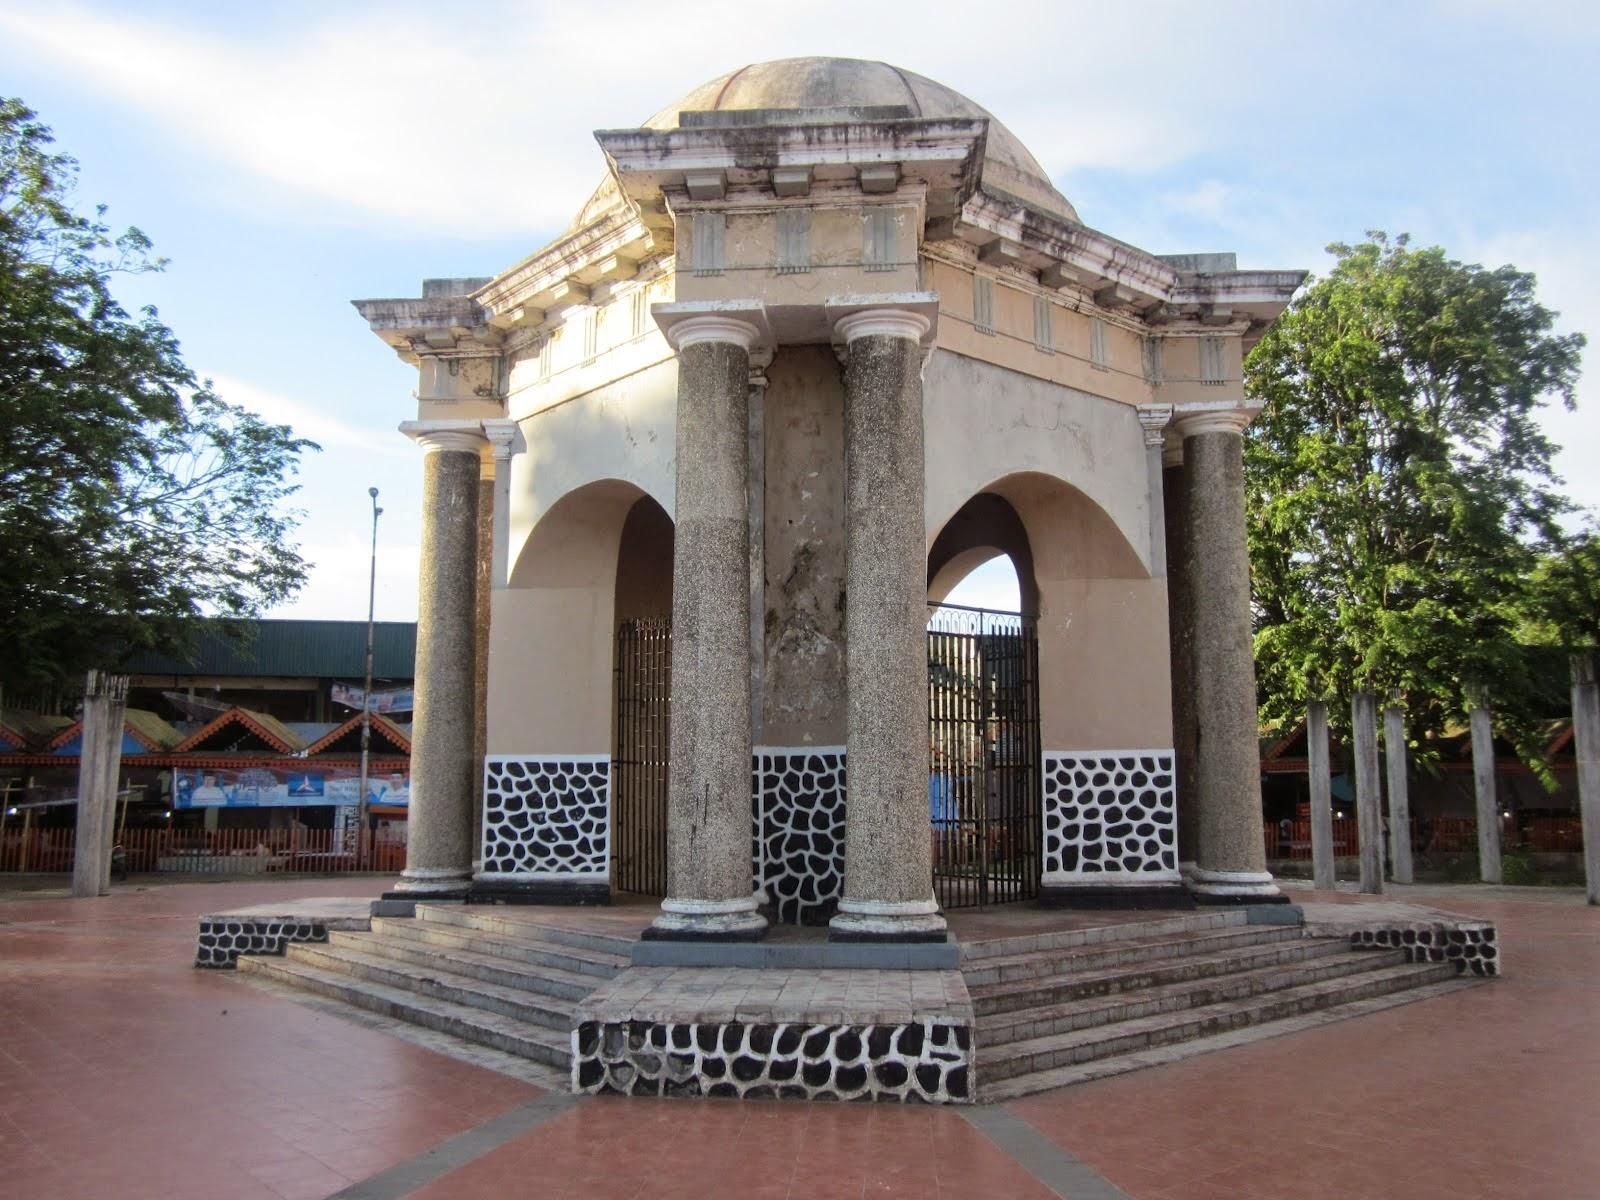 Bengkulu attractions